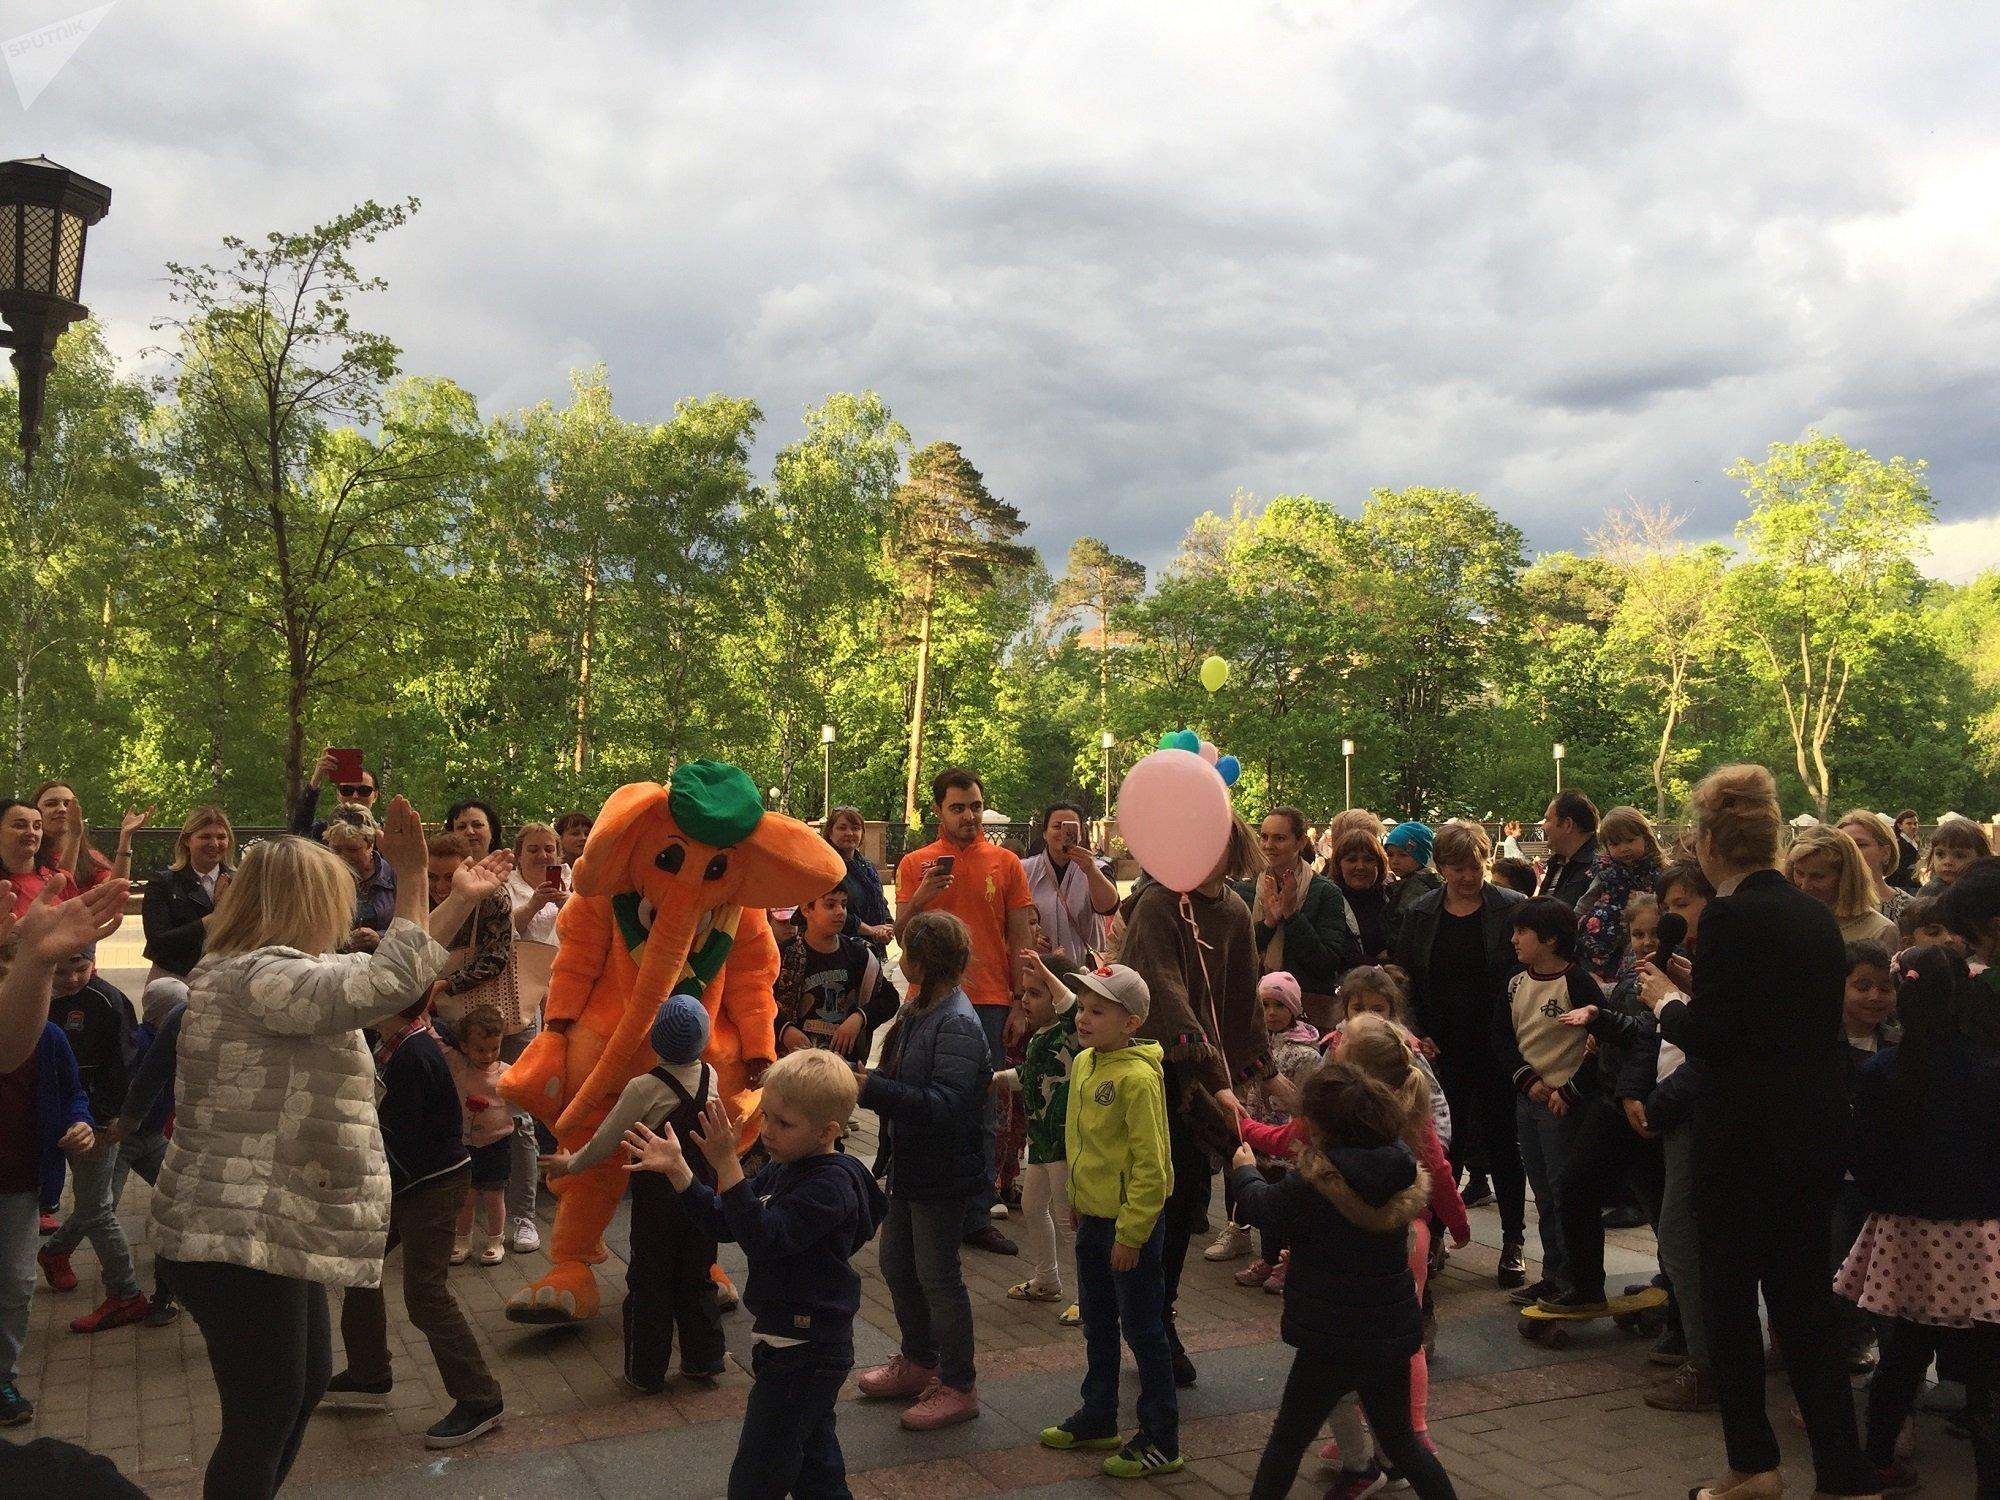 Открытие частной школы Кереселидзе-Перекрест в Москве